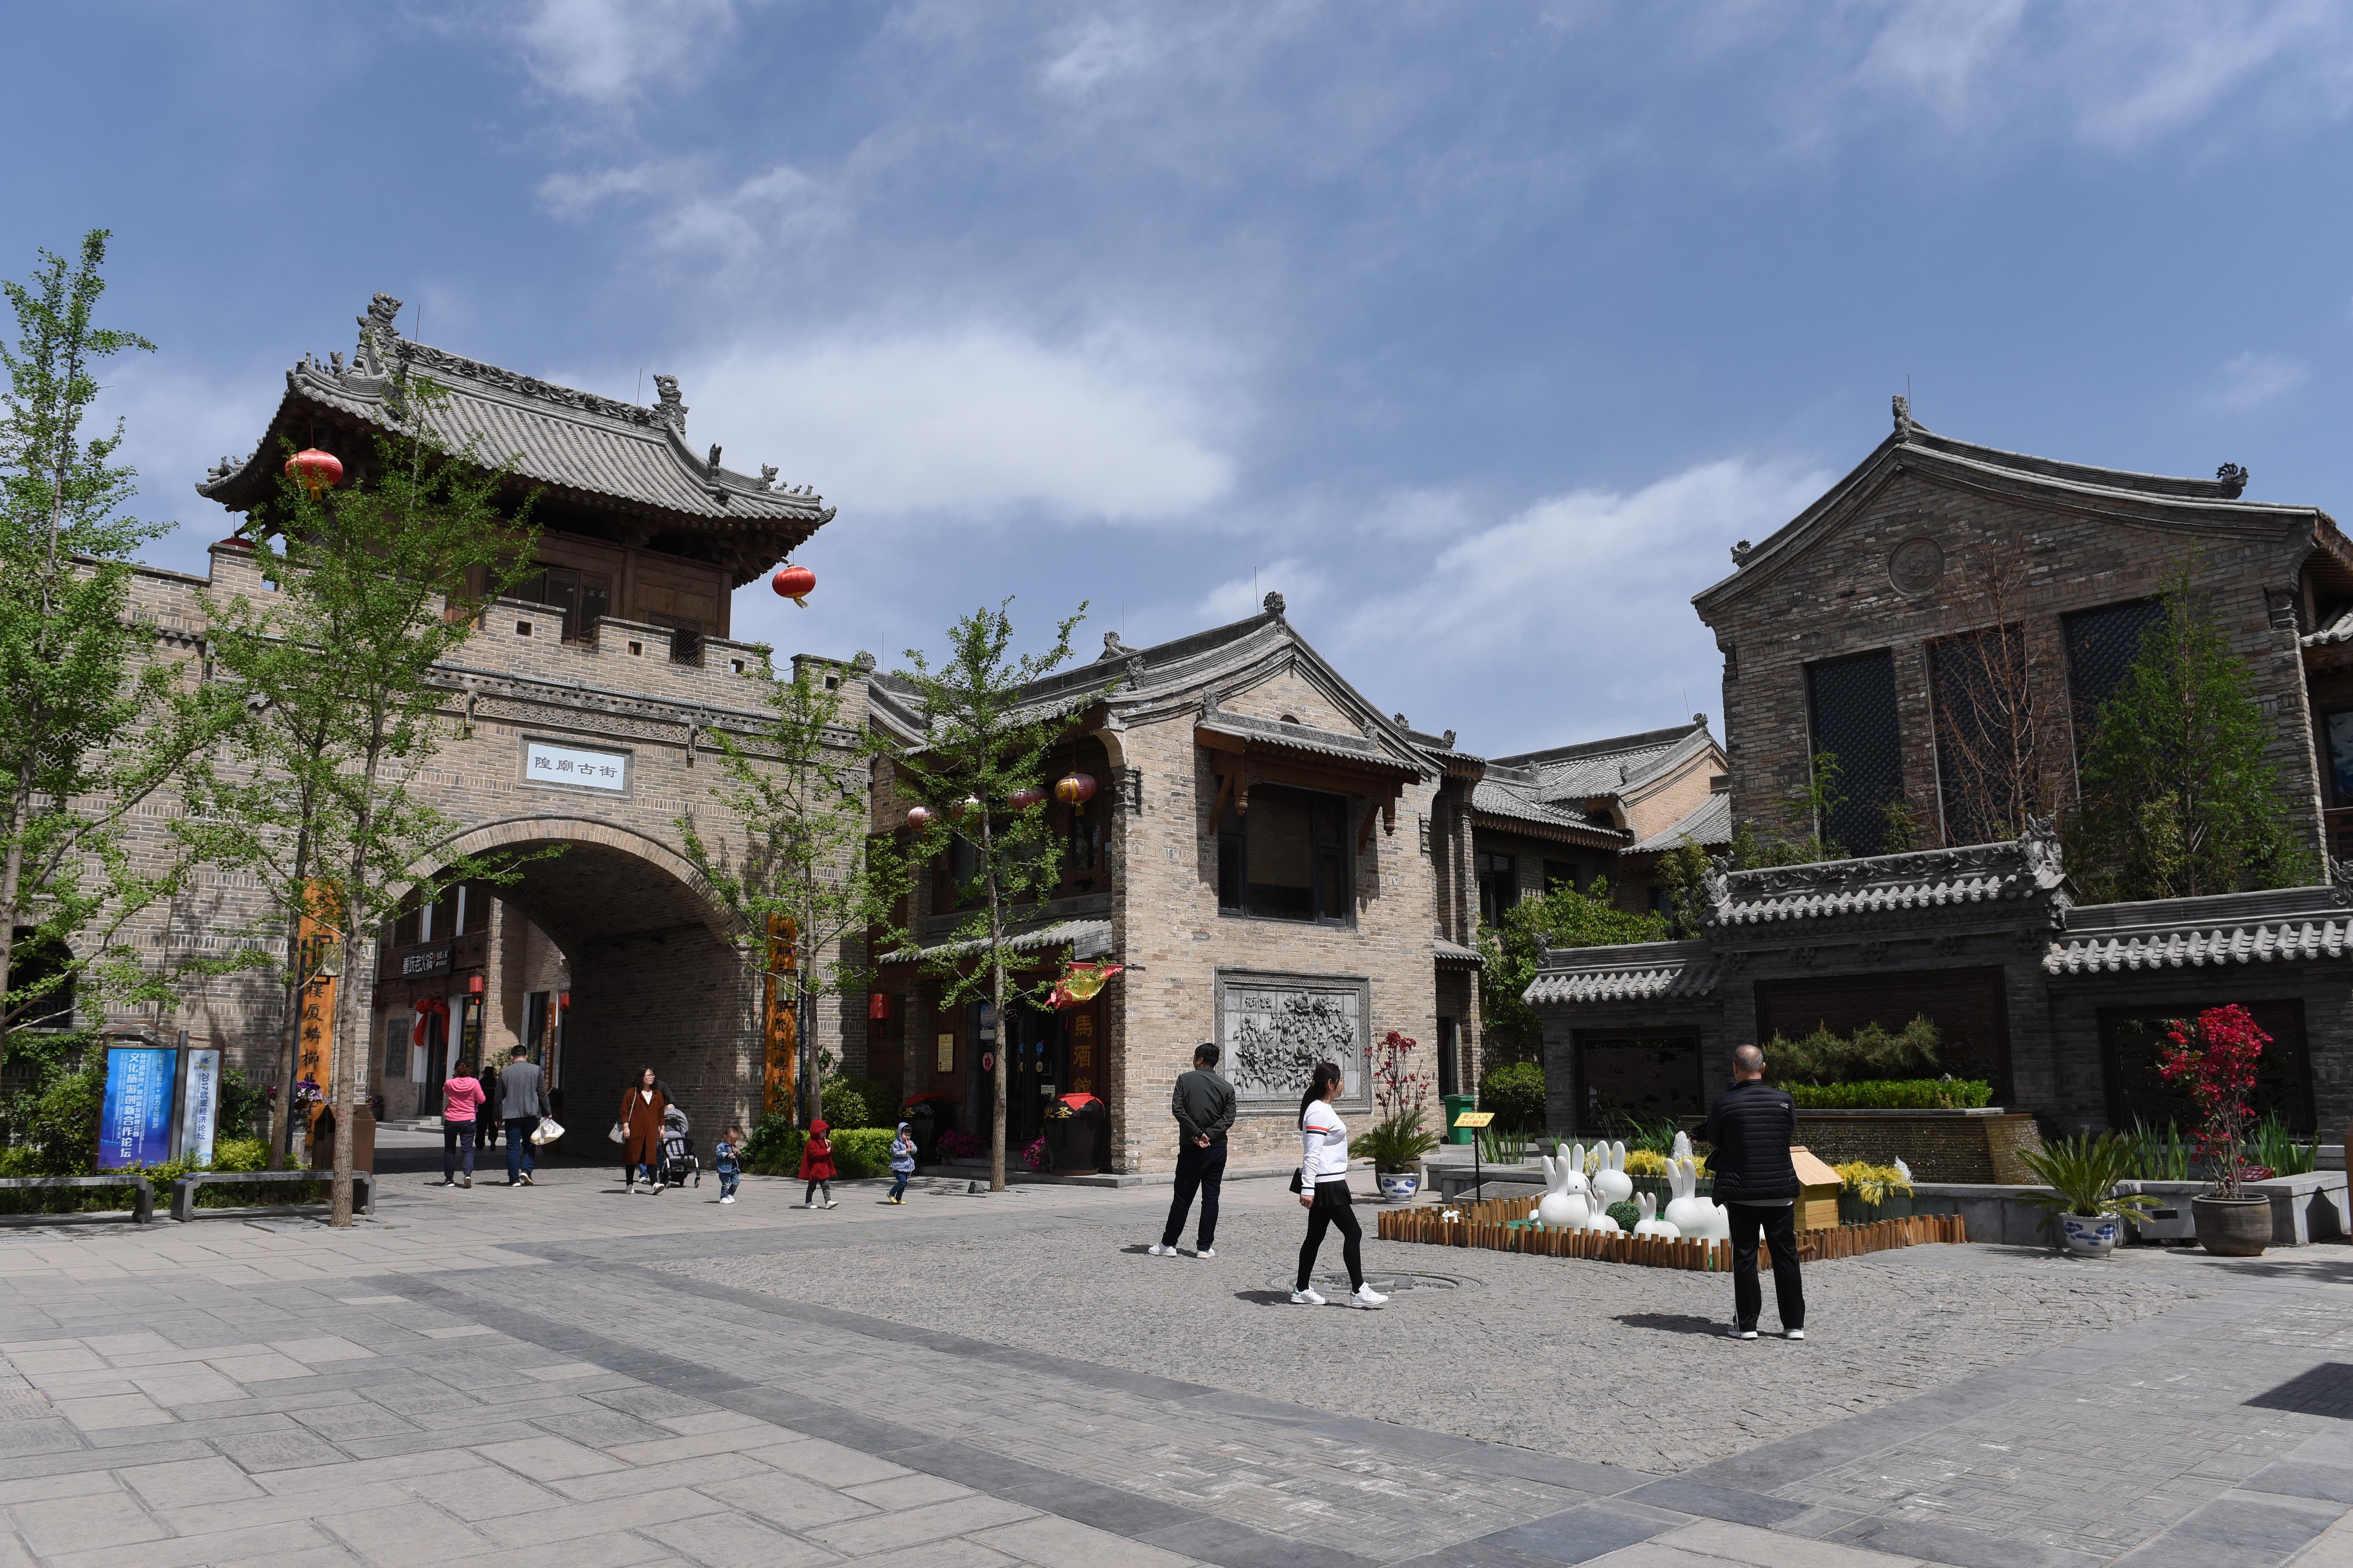 韩城古城文化街区